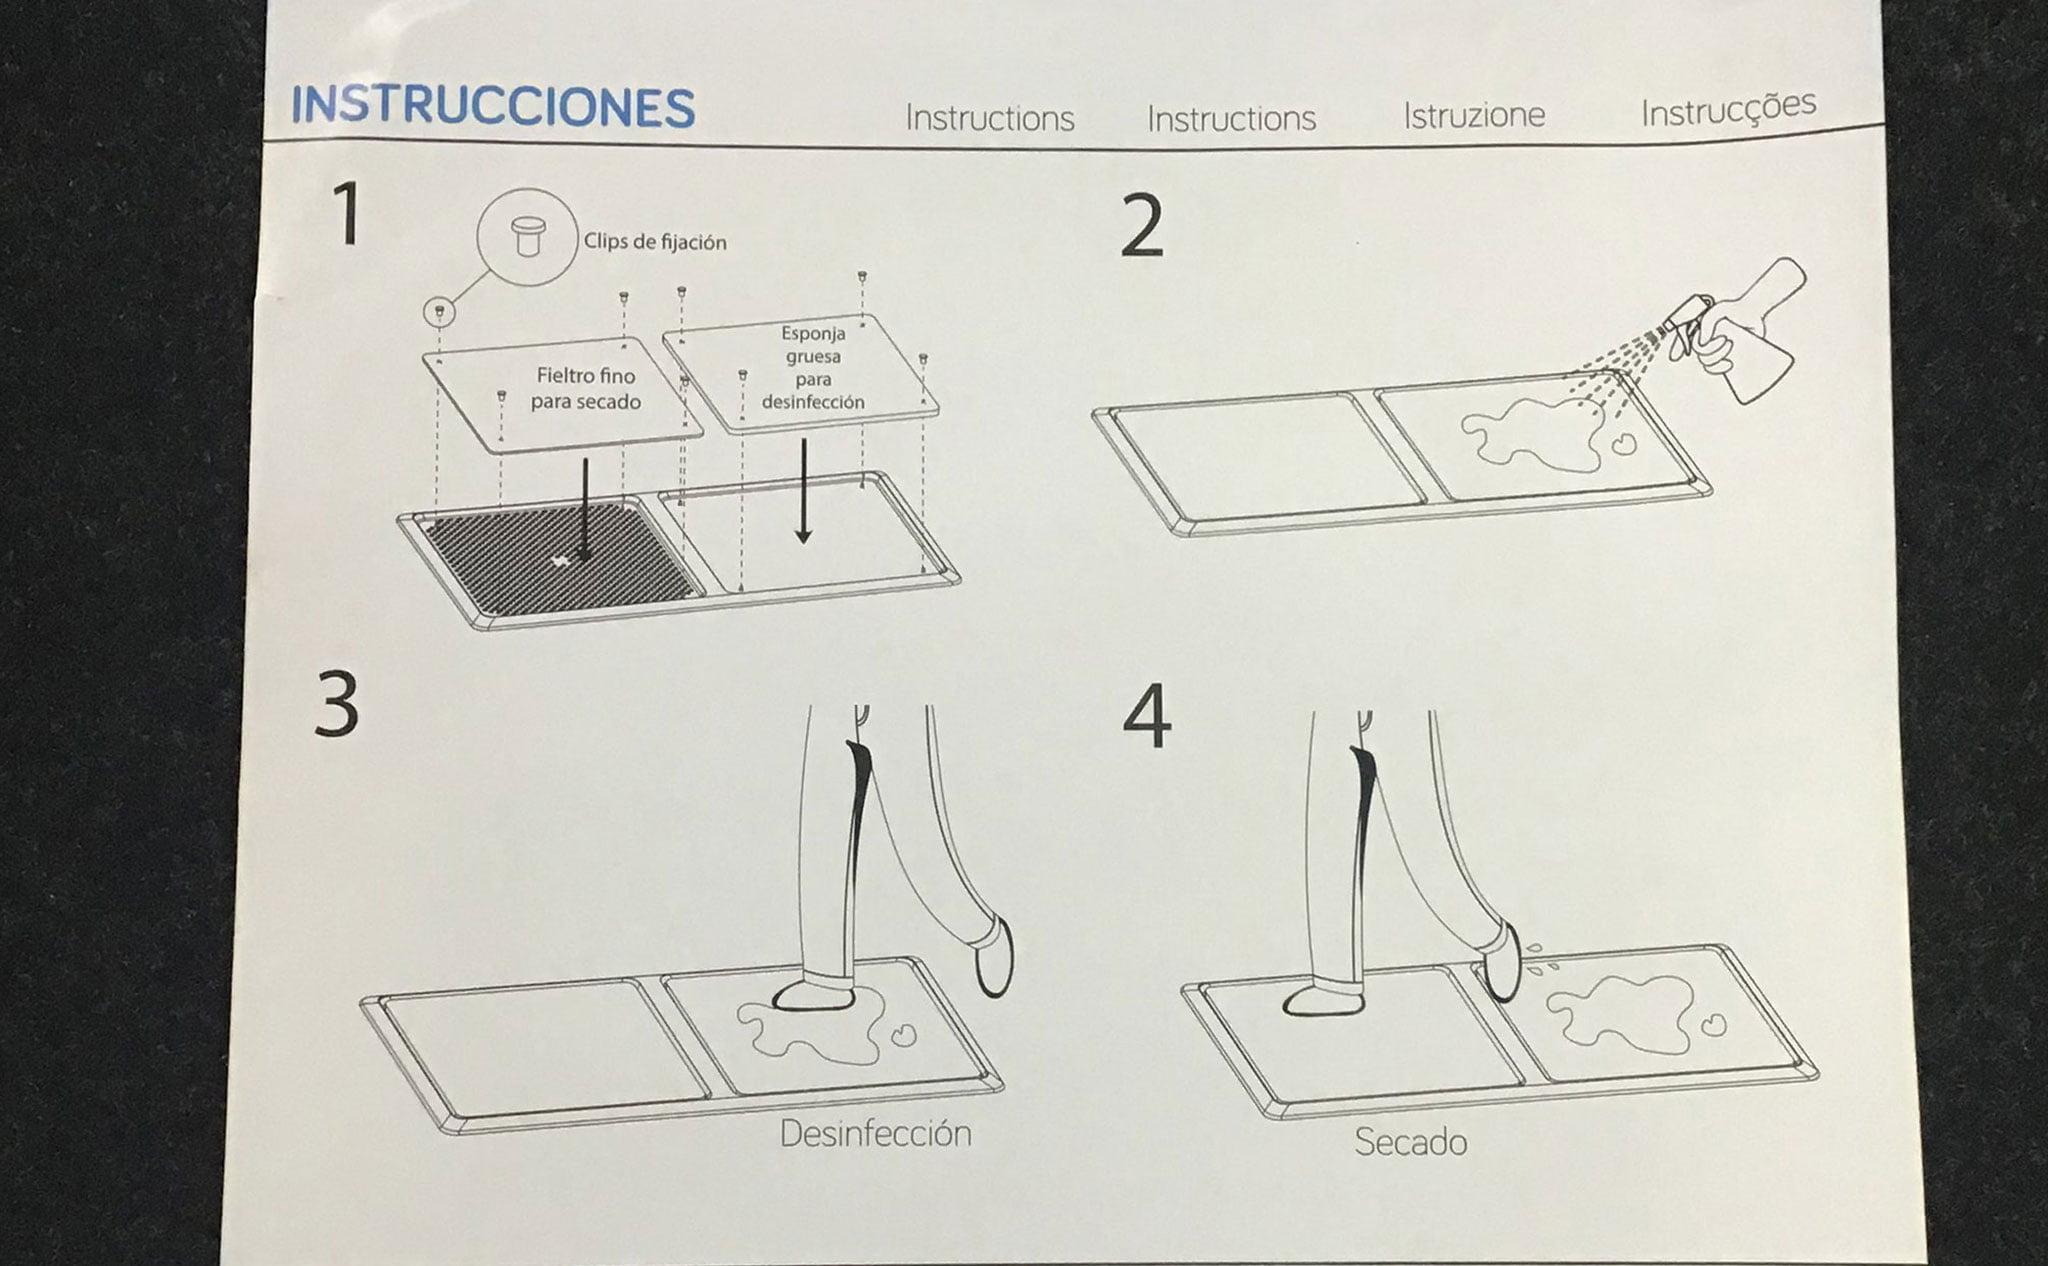 Instrucciones de uso del felpudo desinfectante – Coloma 2 Ferreteros